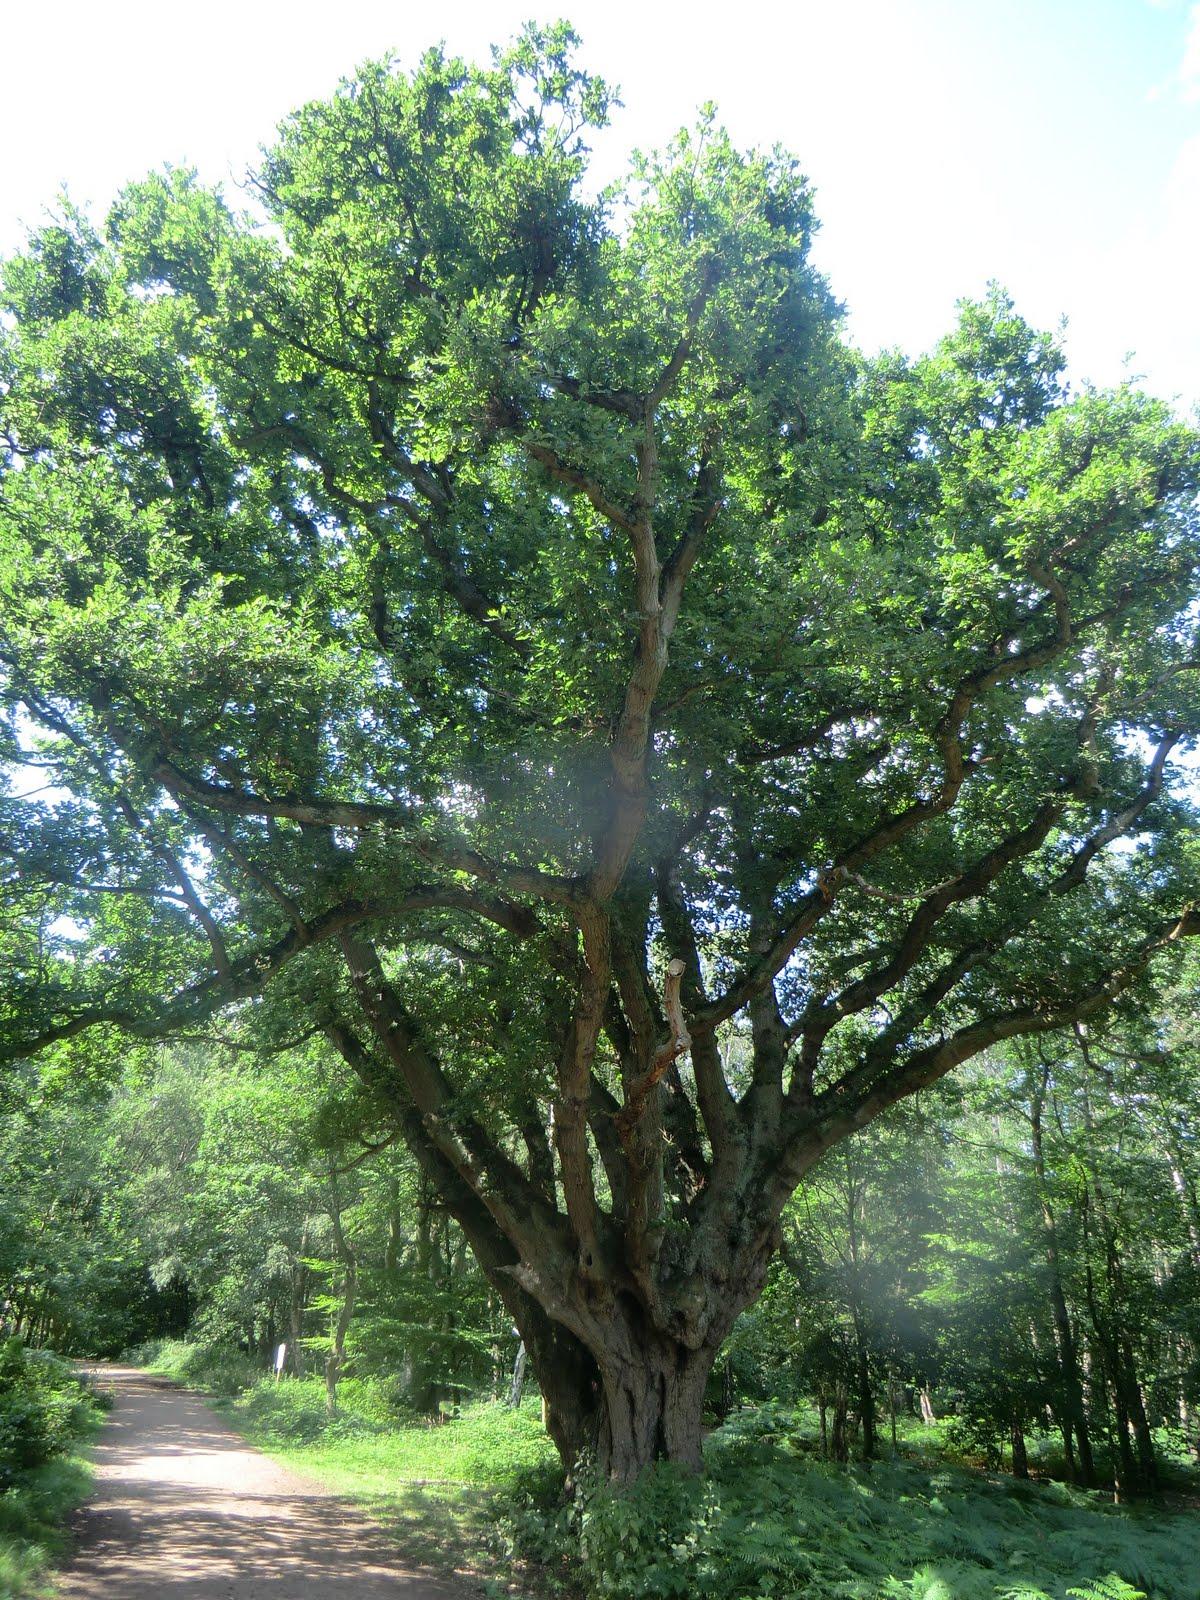 CIMG3219 Pollarded oak, Epping Forest